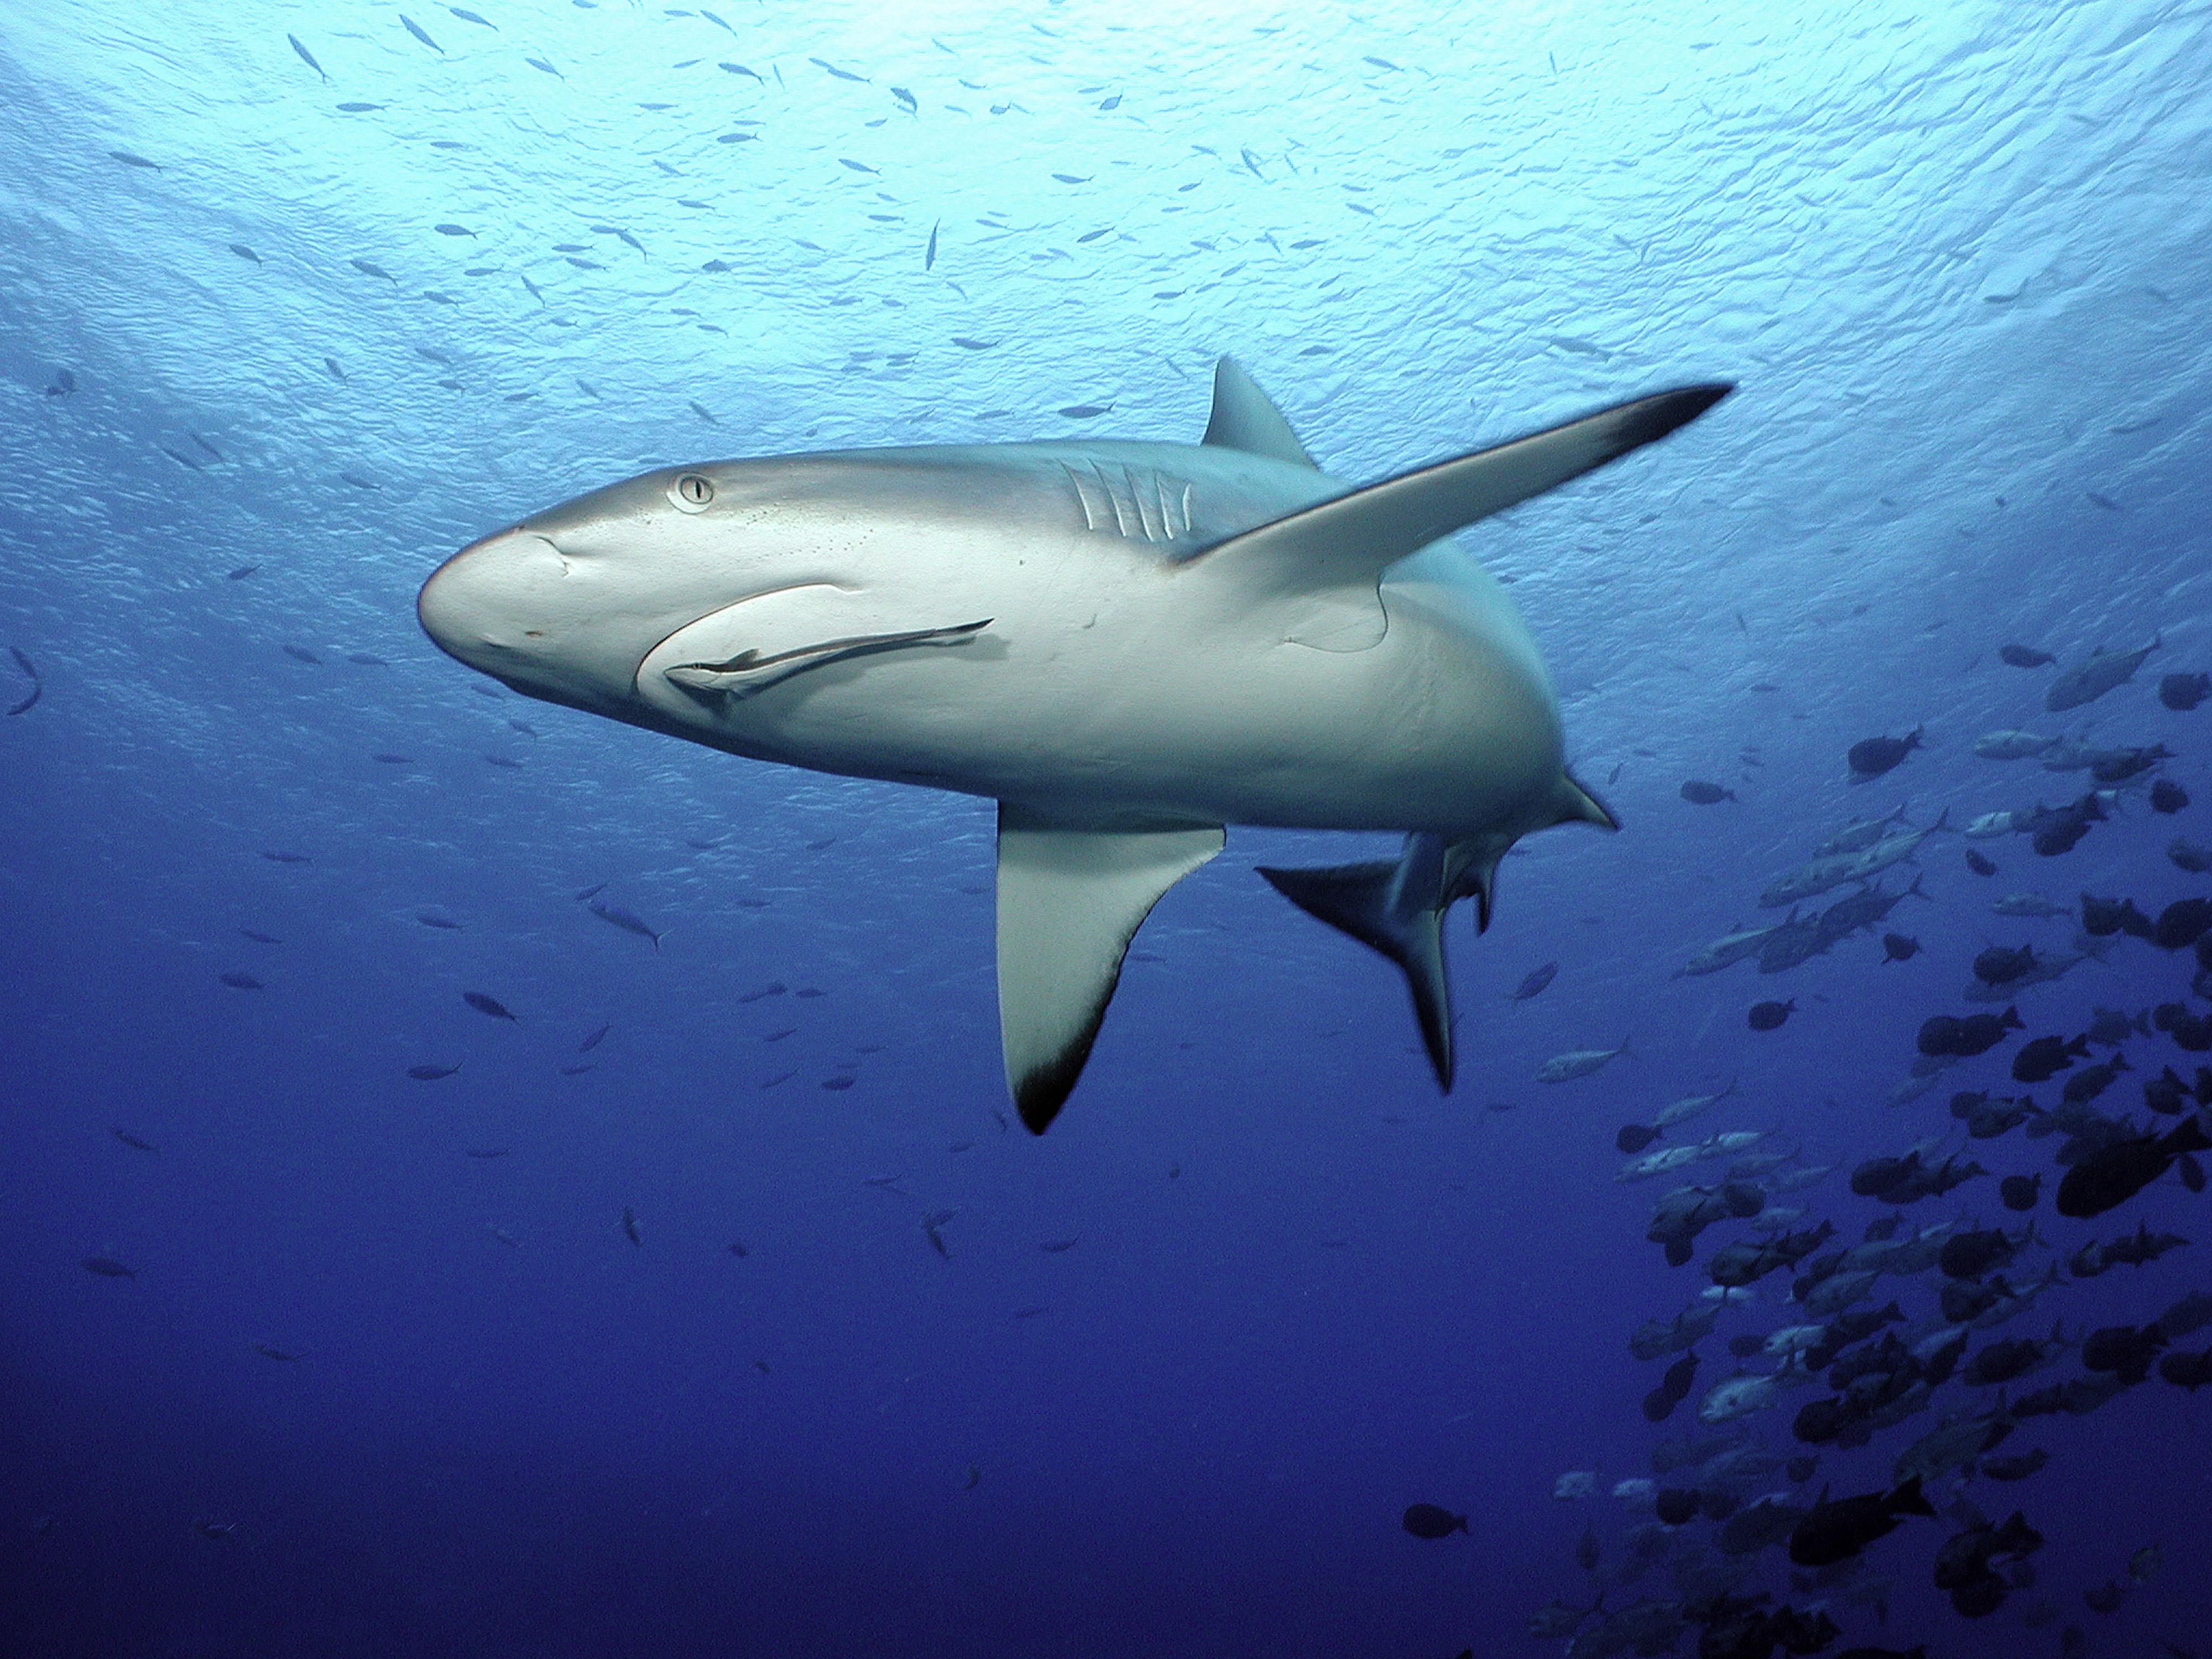 回應全球多國正立法保護鯊魚,甚至高達基金會 預算八,000澳幣的澳洲野生動物和自然復育基金。 波索納洛在總統官邸前發表簡短談話時說:「李奧納多狄卡皮歐很酷,世界自然基金會香港分會推出向魚翅說不的個人承諾   WWF Hong Kong